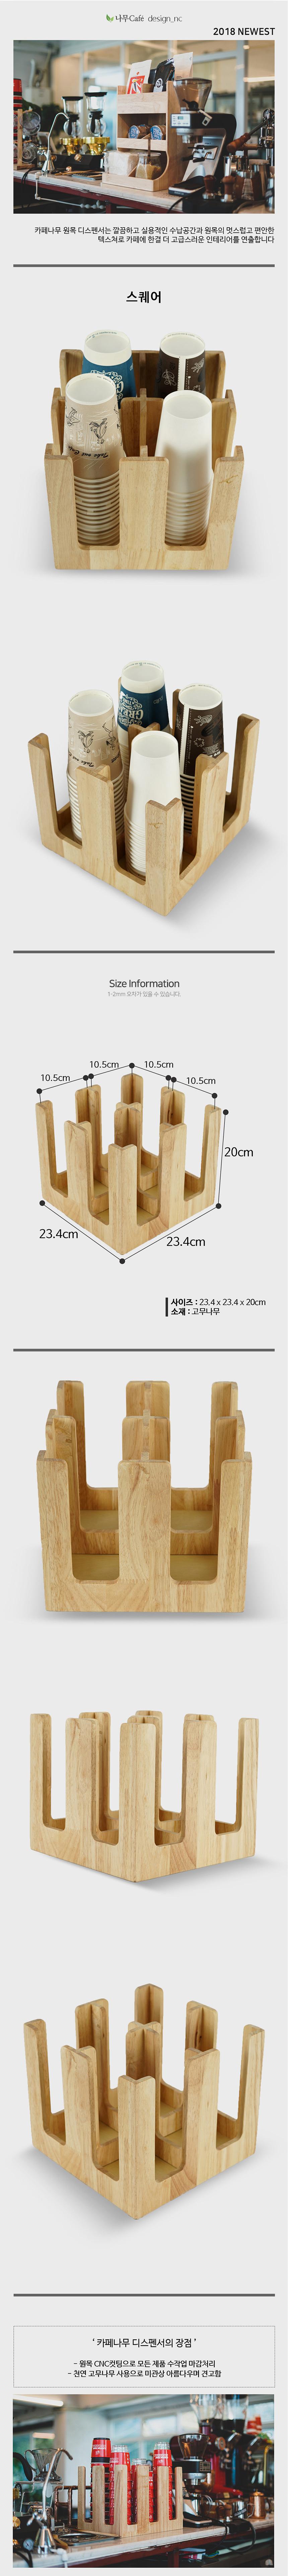 원목 포트워스 컵디스펜서 - 디자인엔씨, 42,750원, 주방수납용품, 수납함